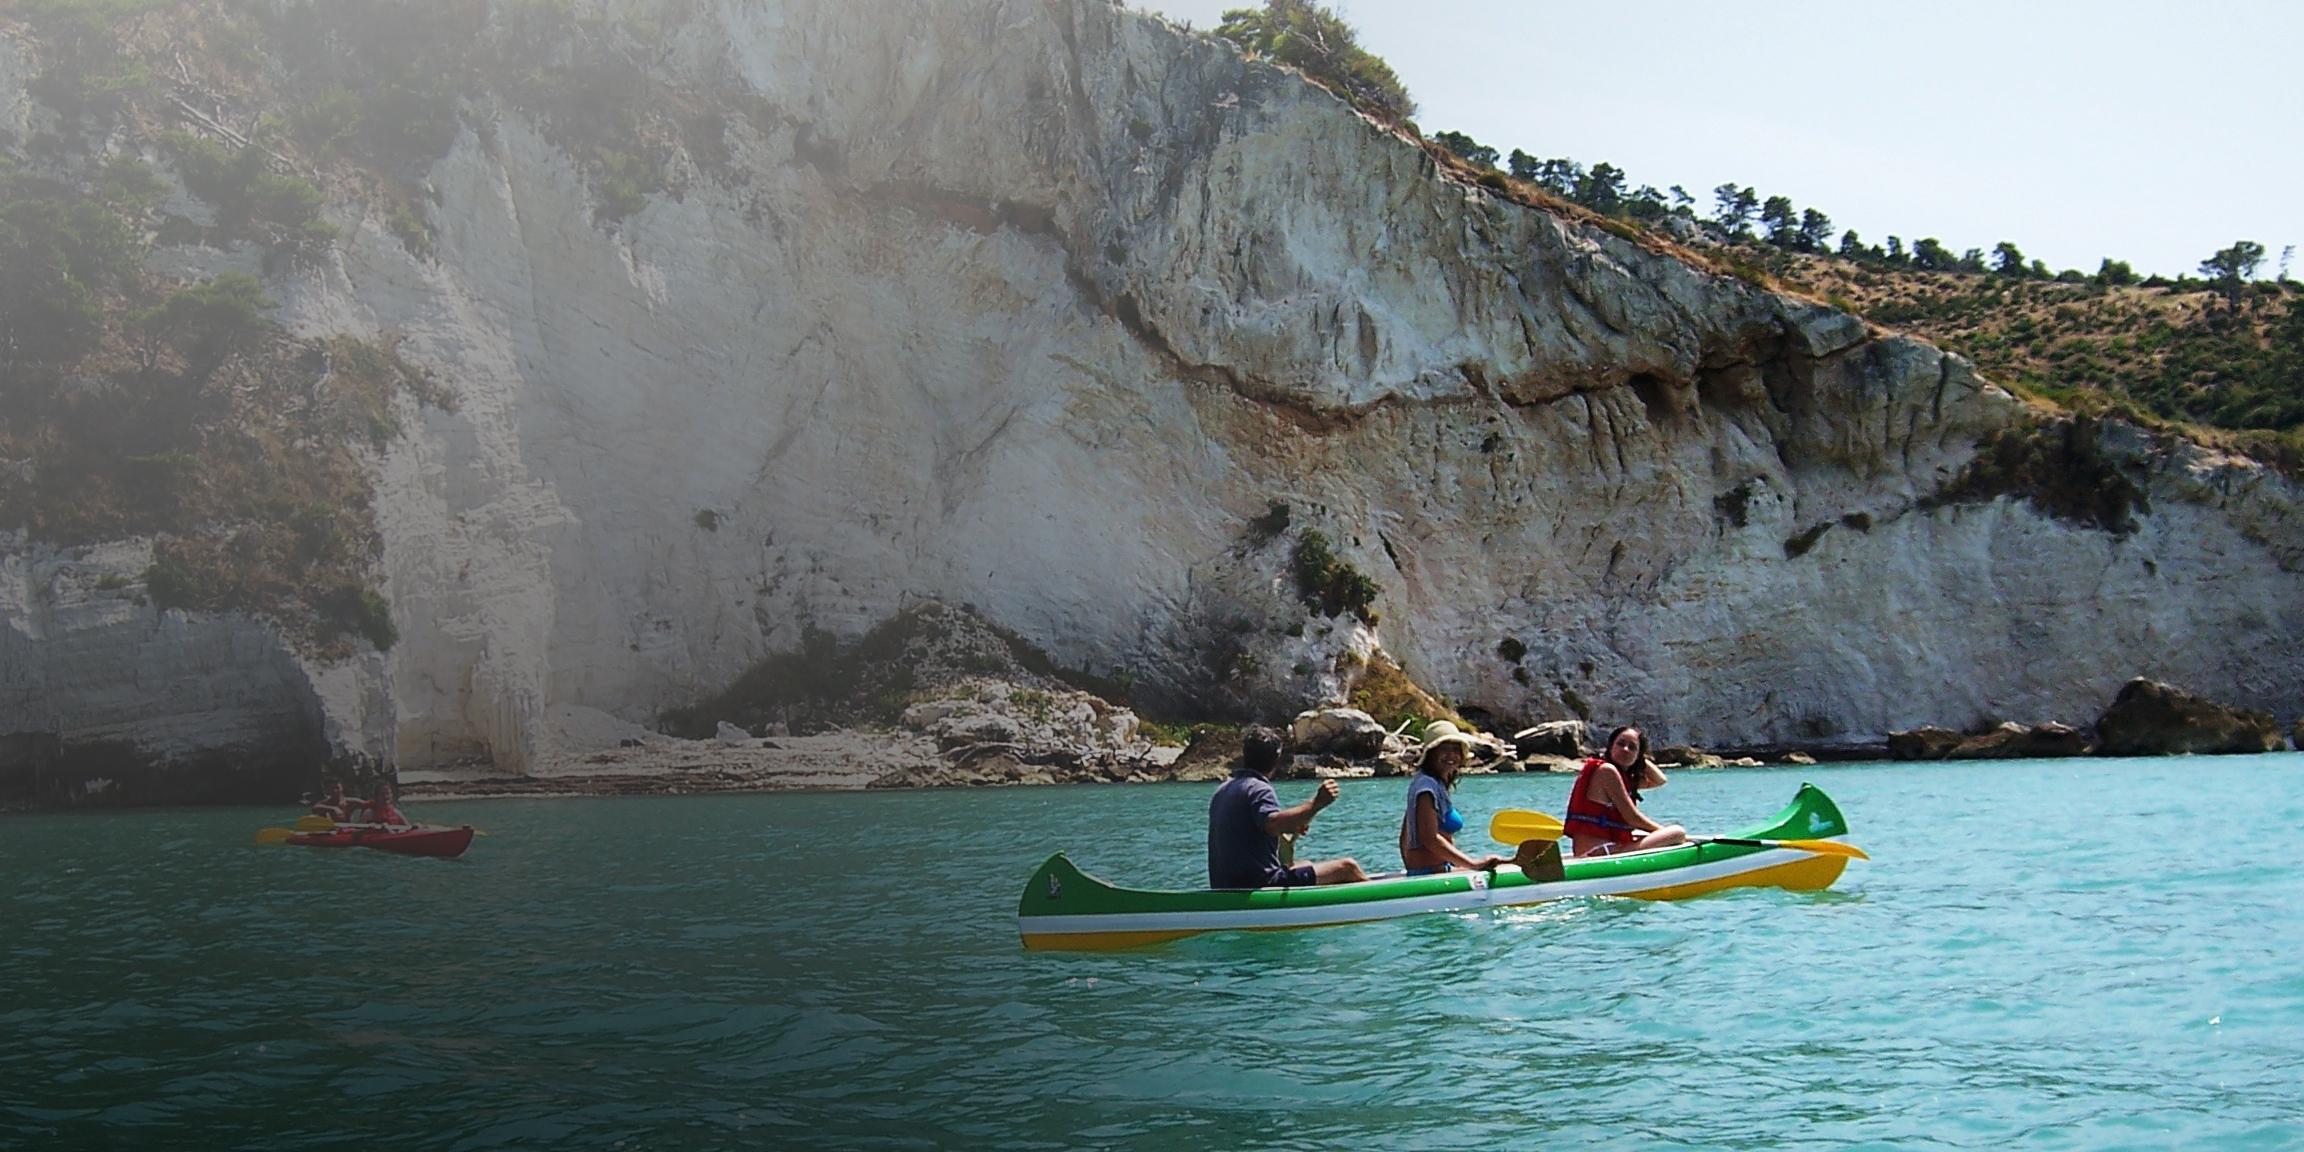 Grotte del Gargano - Peschici - Vieste CANOA COSTE E GROTTE